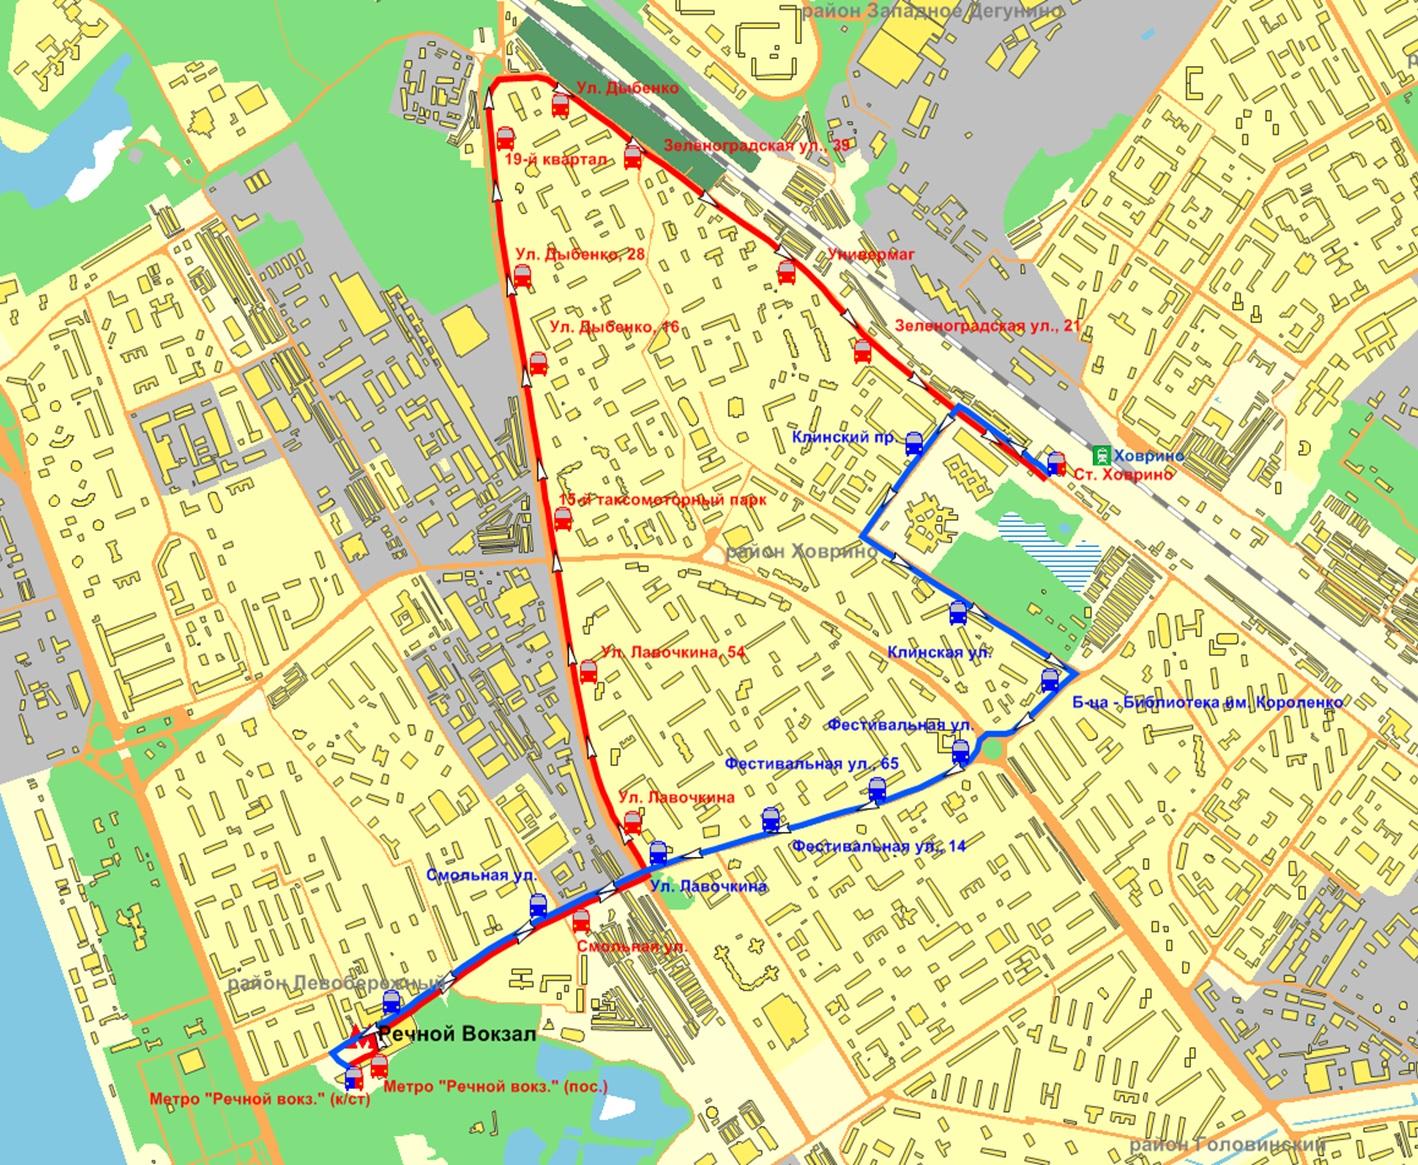 Карта метро Москвы со станциями МЦК и МЦД 2020